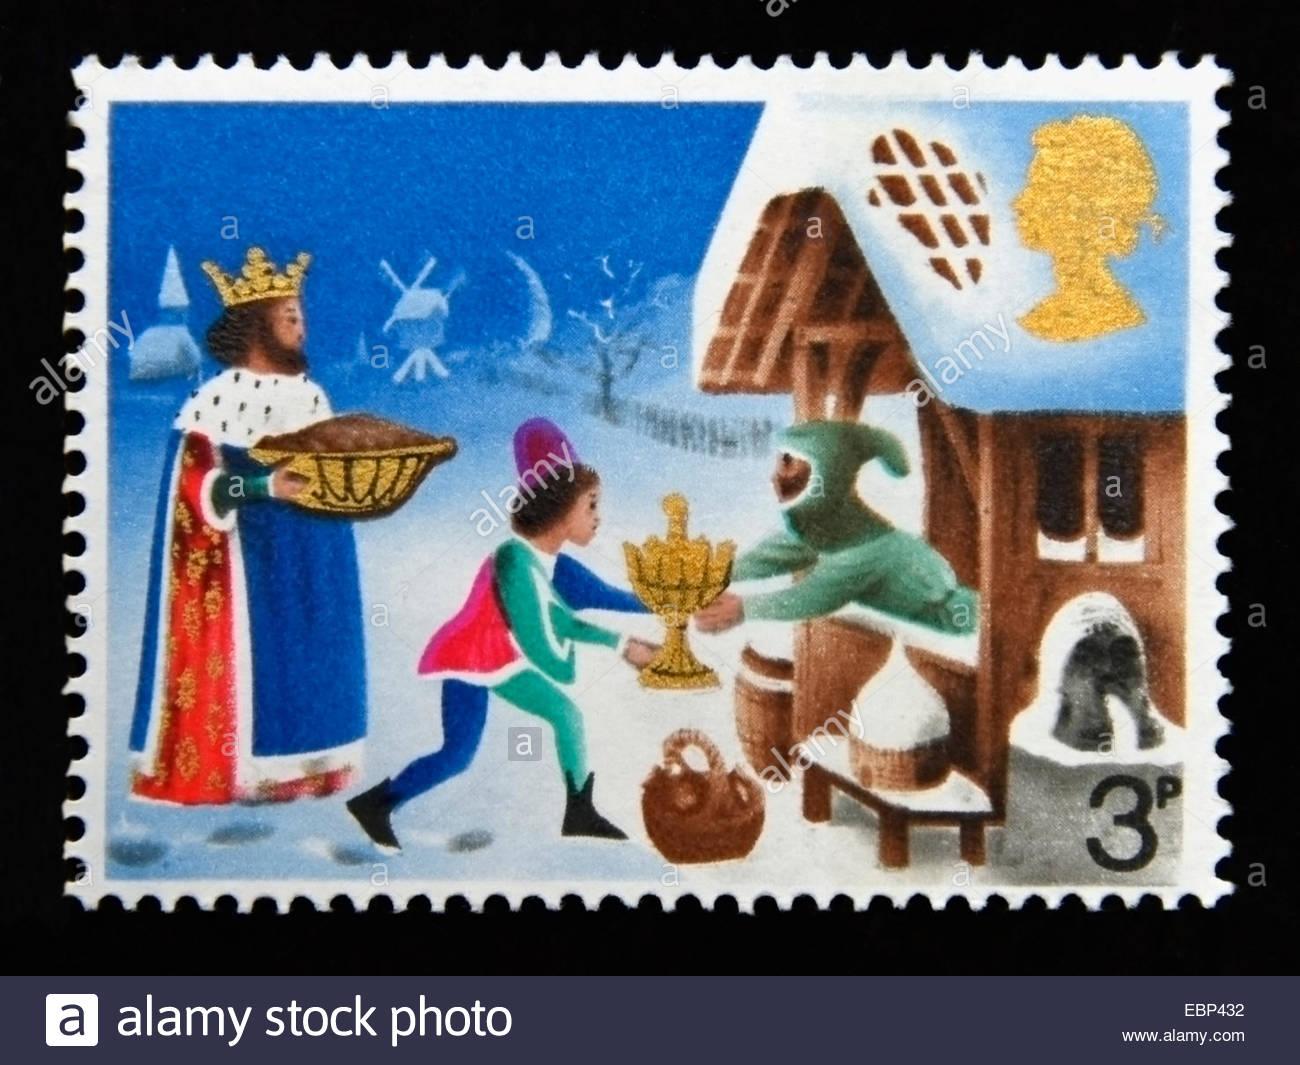 Good King Wenceslas Stock Photos & Good King Wenceslas Stock Images.